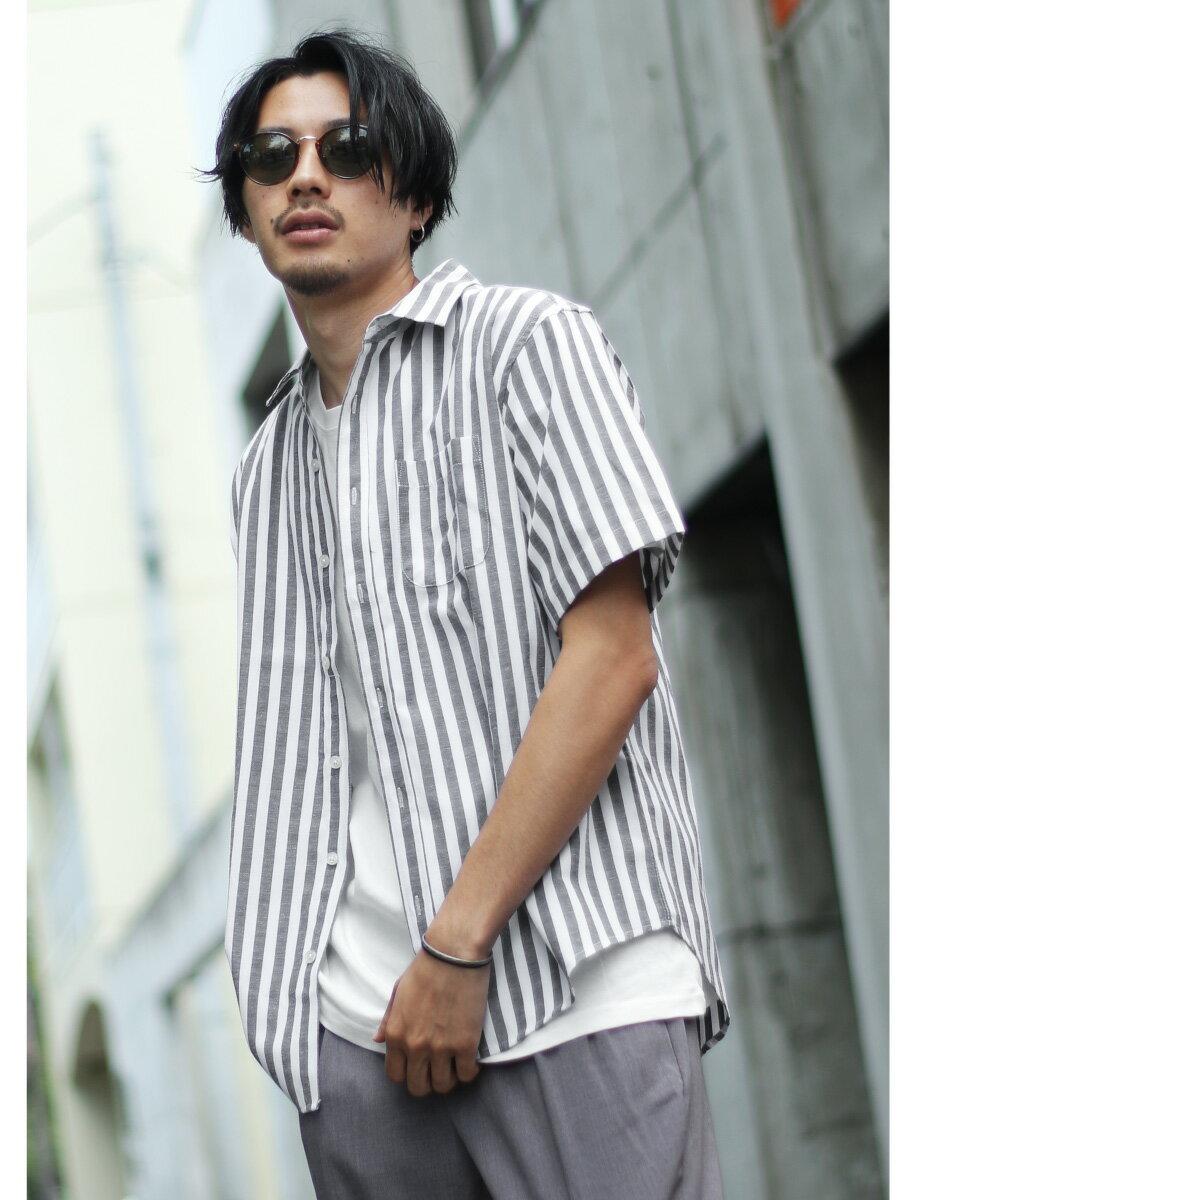 標準領短袖襯衫 休閒衫 1